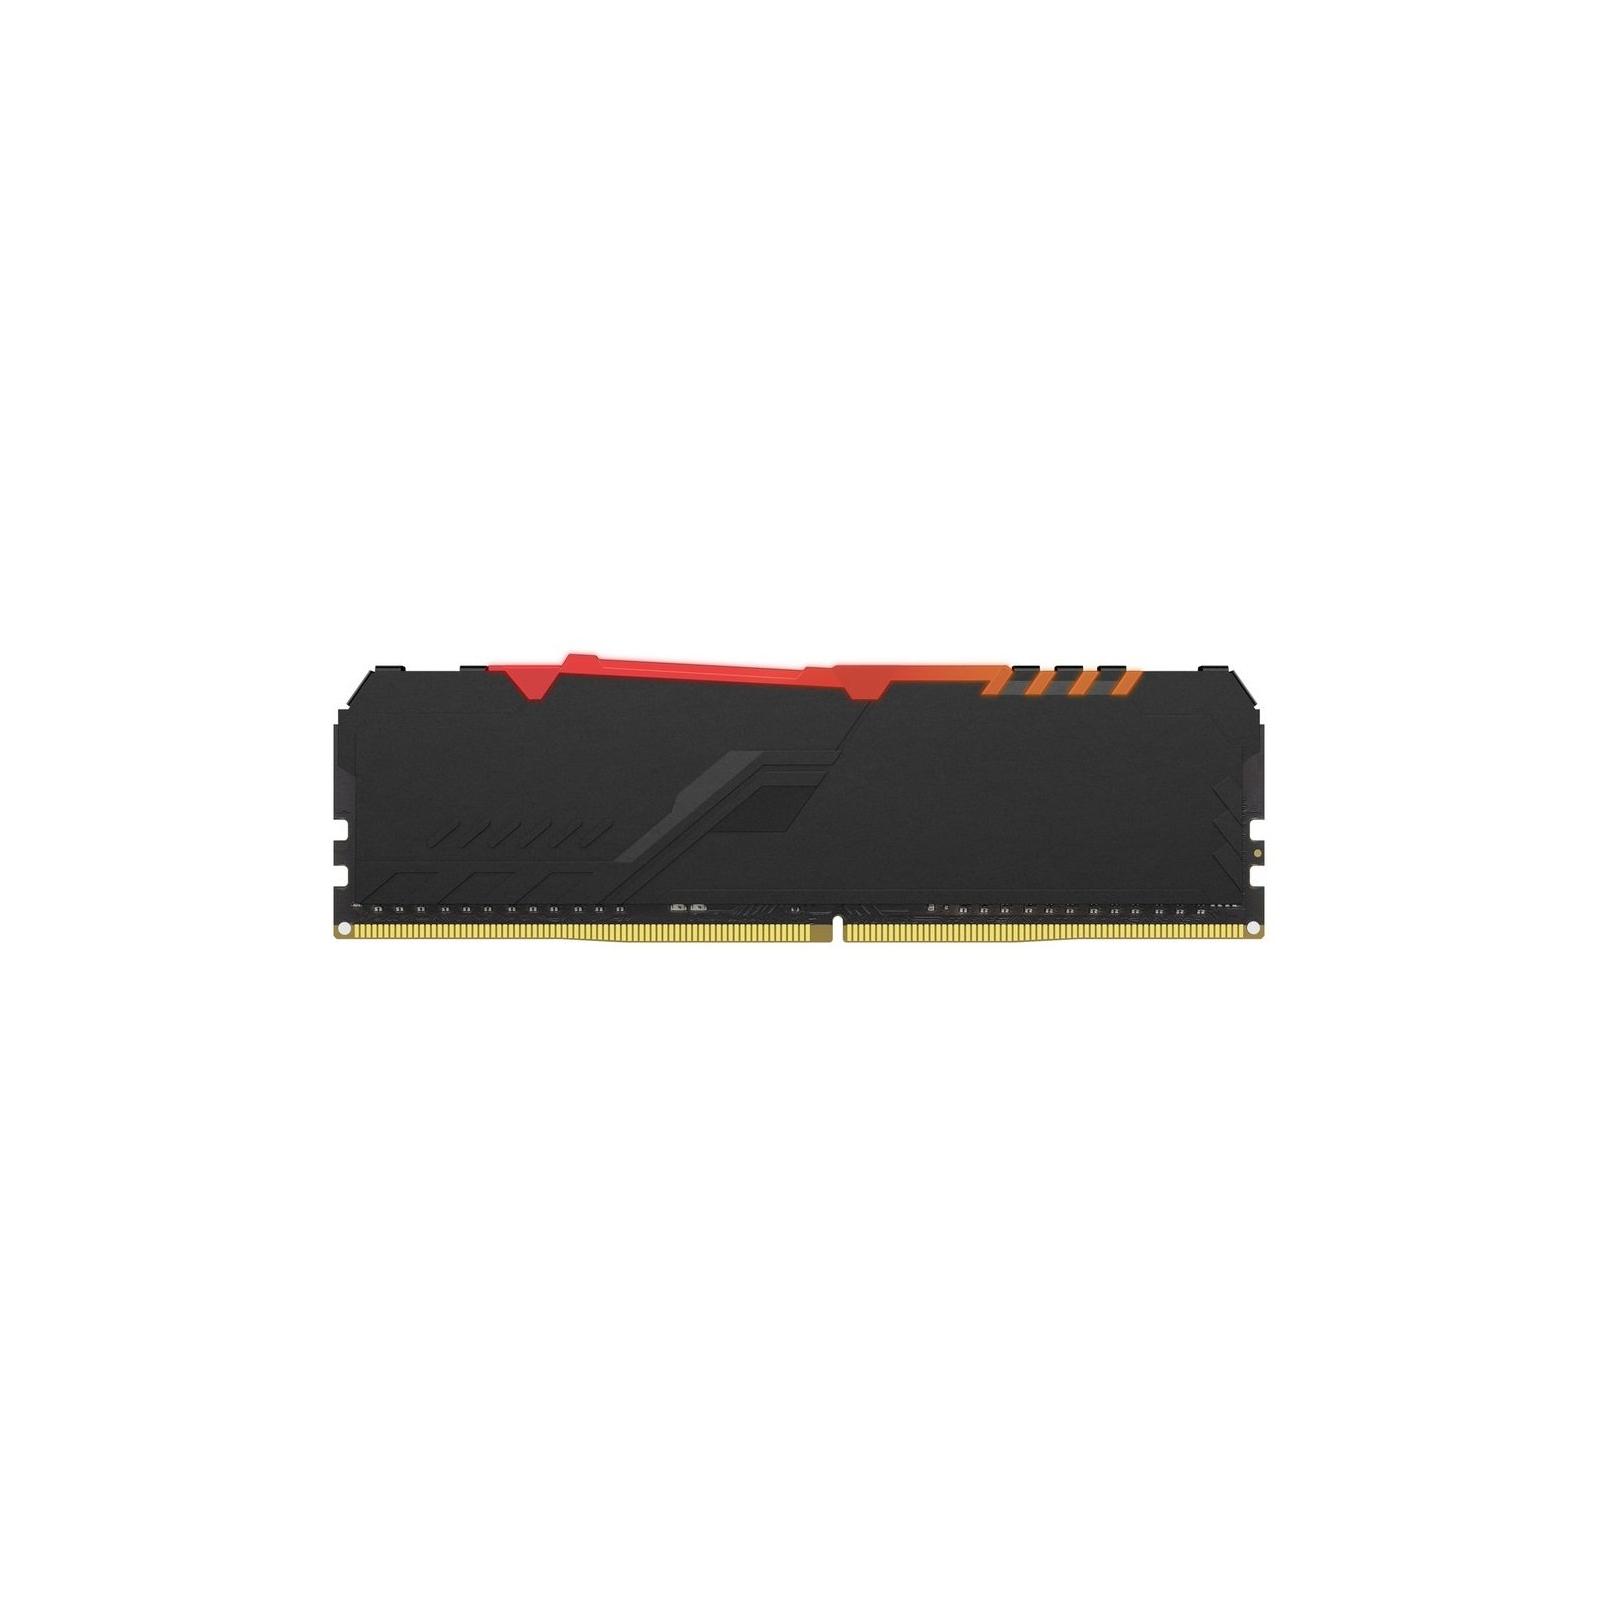 Модуль пам'яті для комп'ютера DDR4 16GB 3466 MHz HyperX FURY RGB Kingston (HX434C16FB3A/16) зображення 2